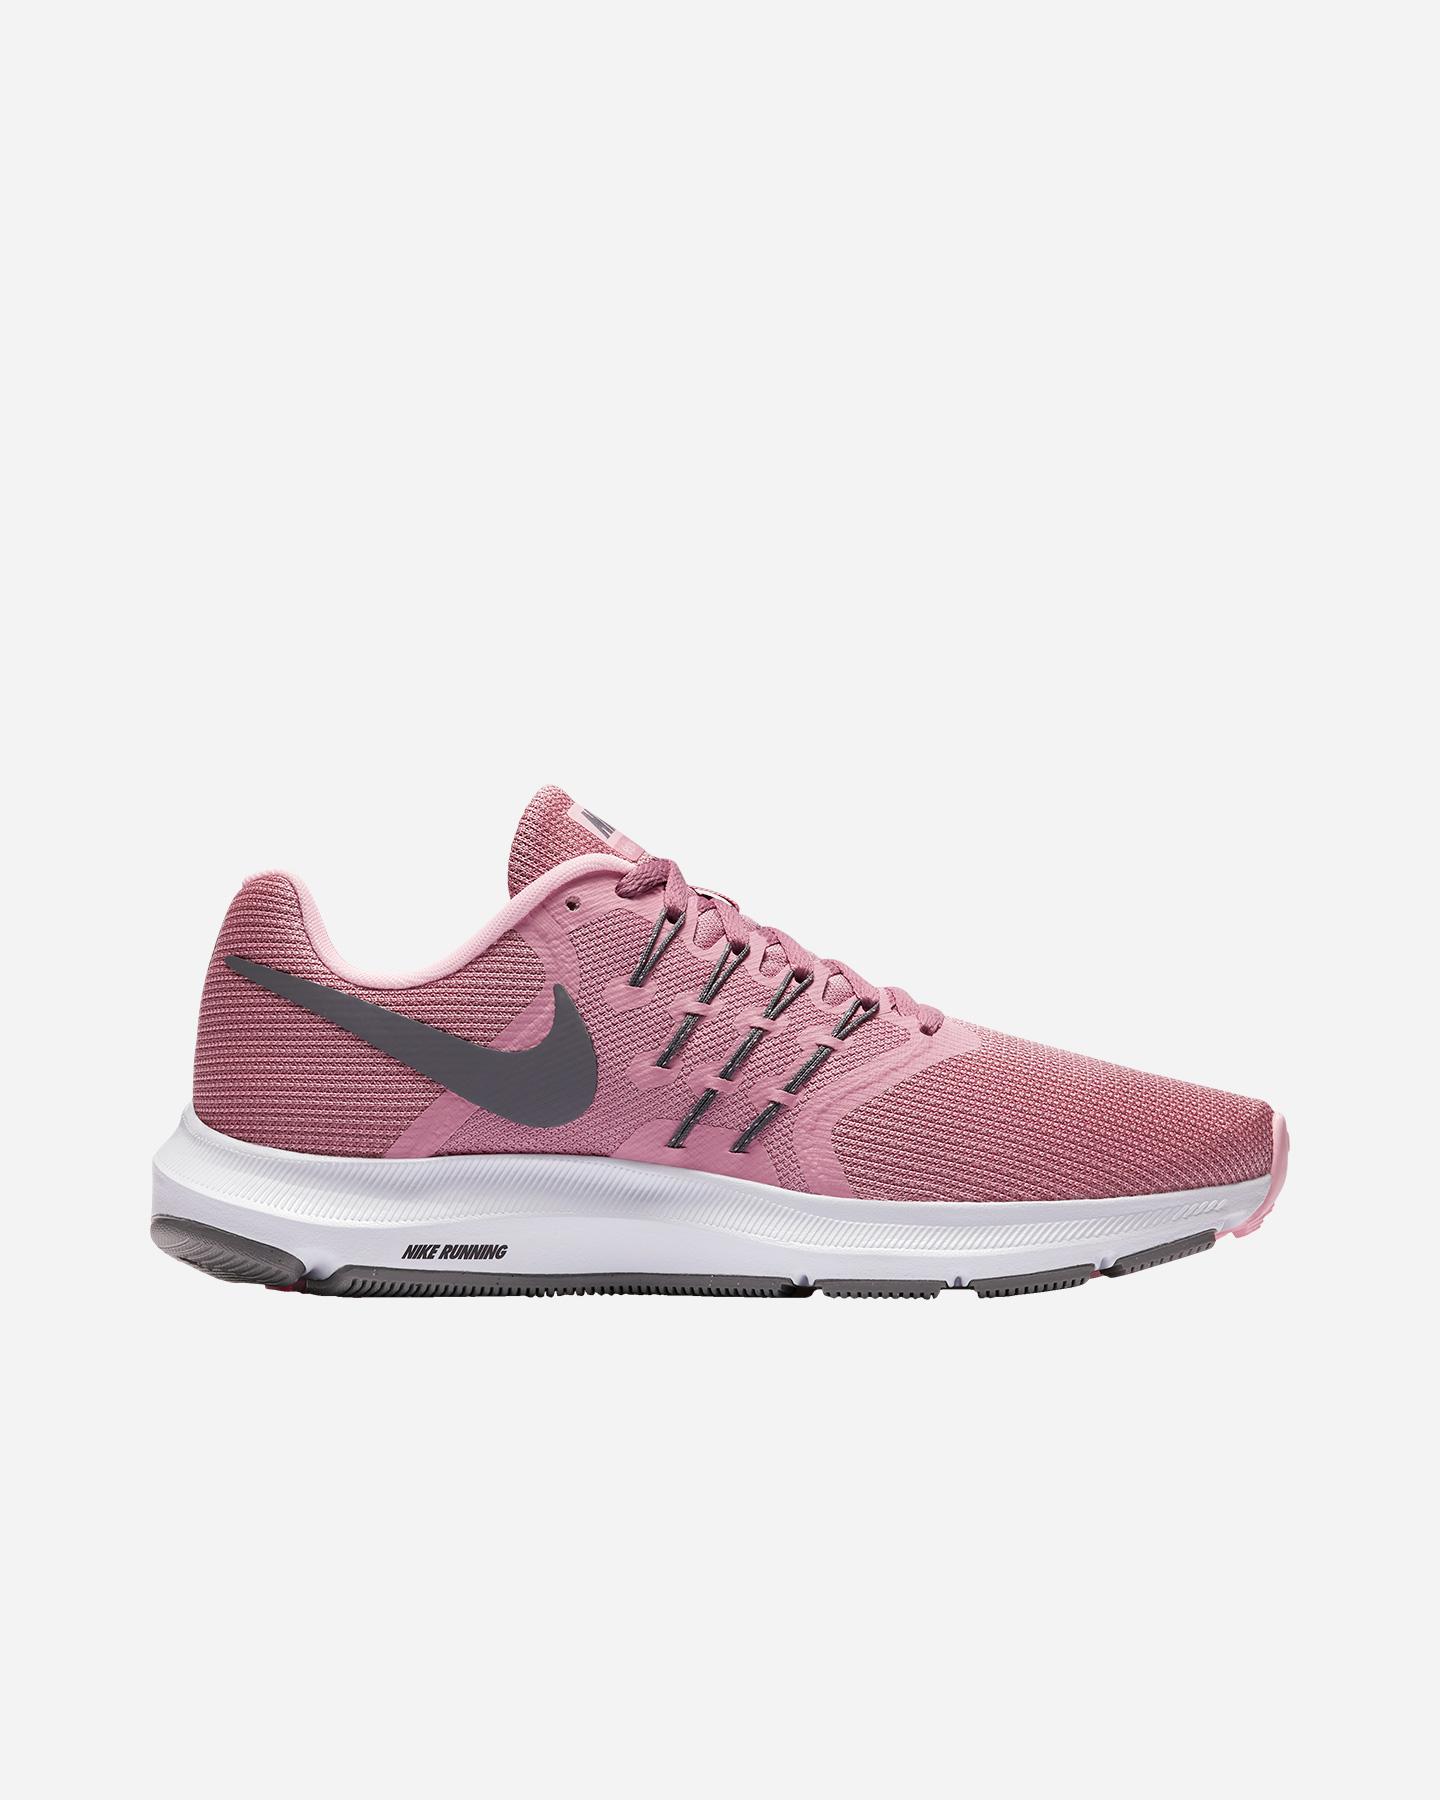 Acquista scarpe nike running - OFF37% sconti 7ce0b4a0b7e